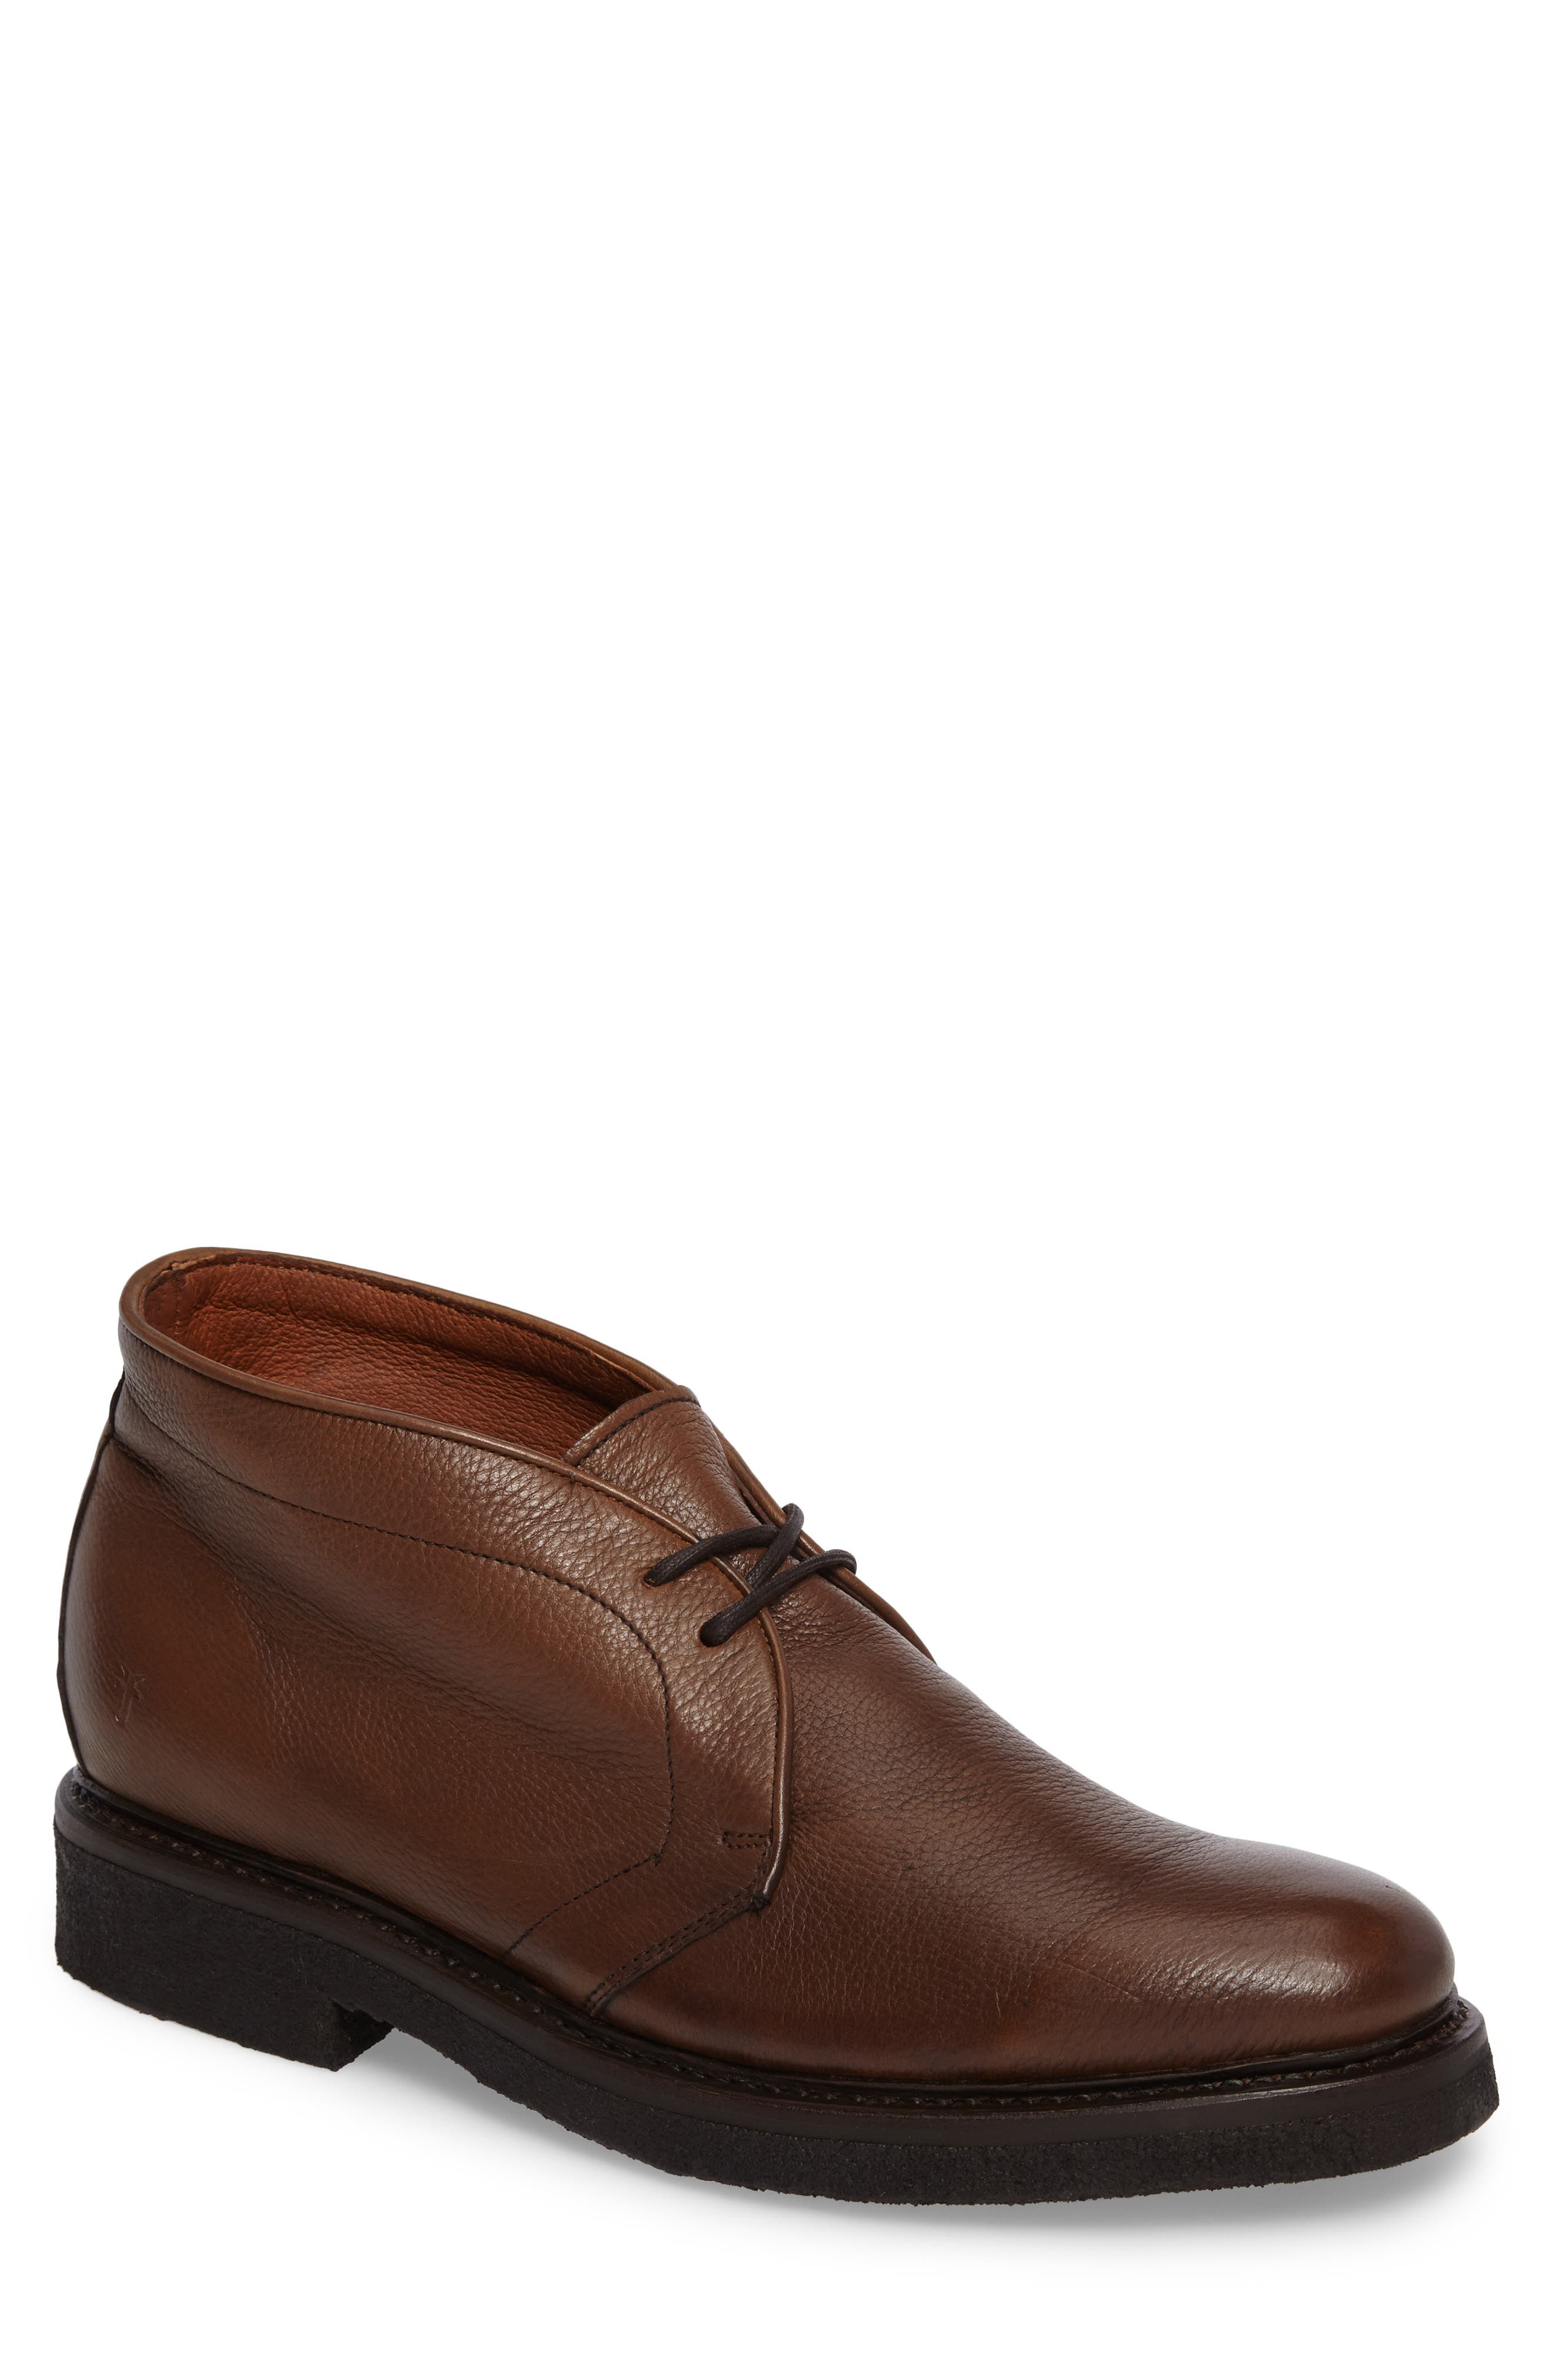 Frye Country Chukka Boot (Men)